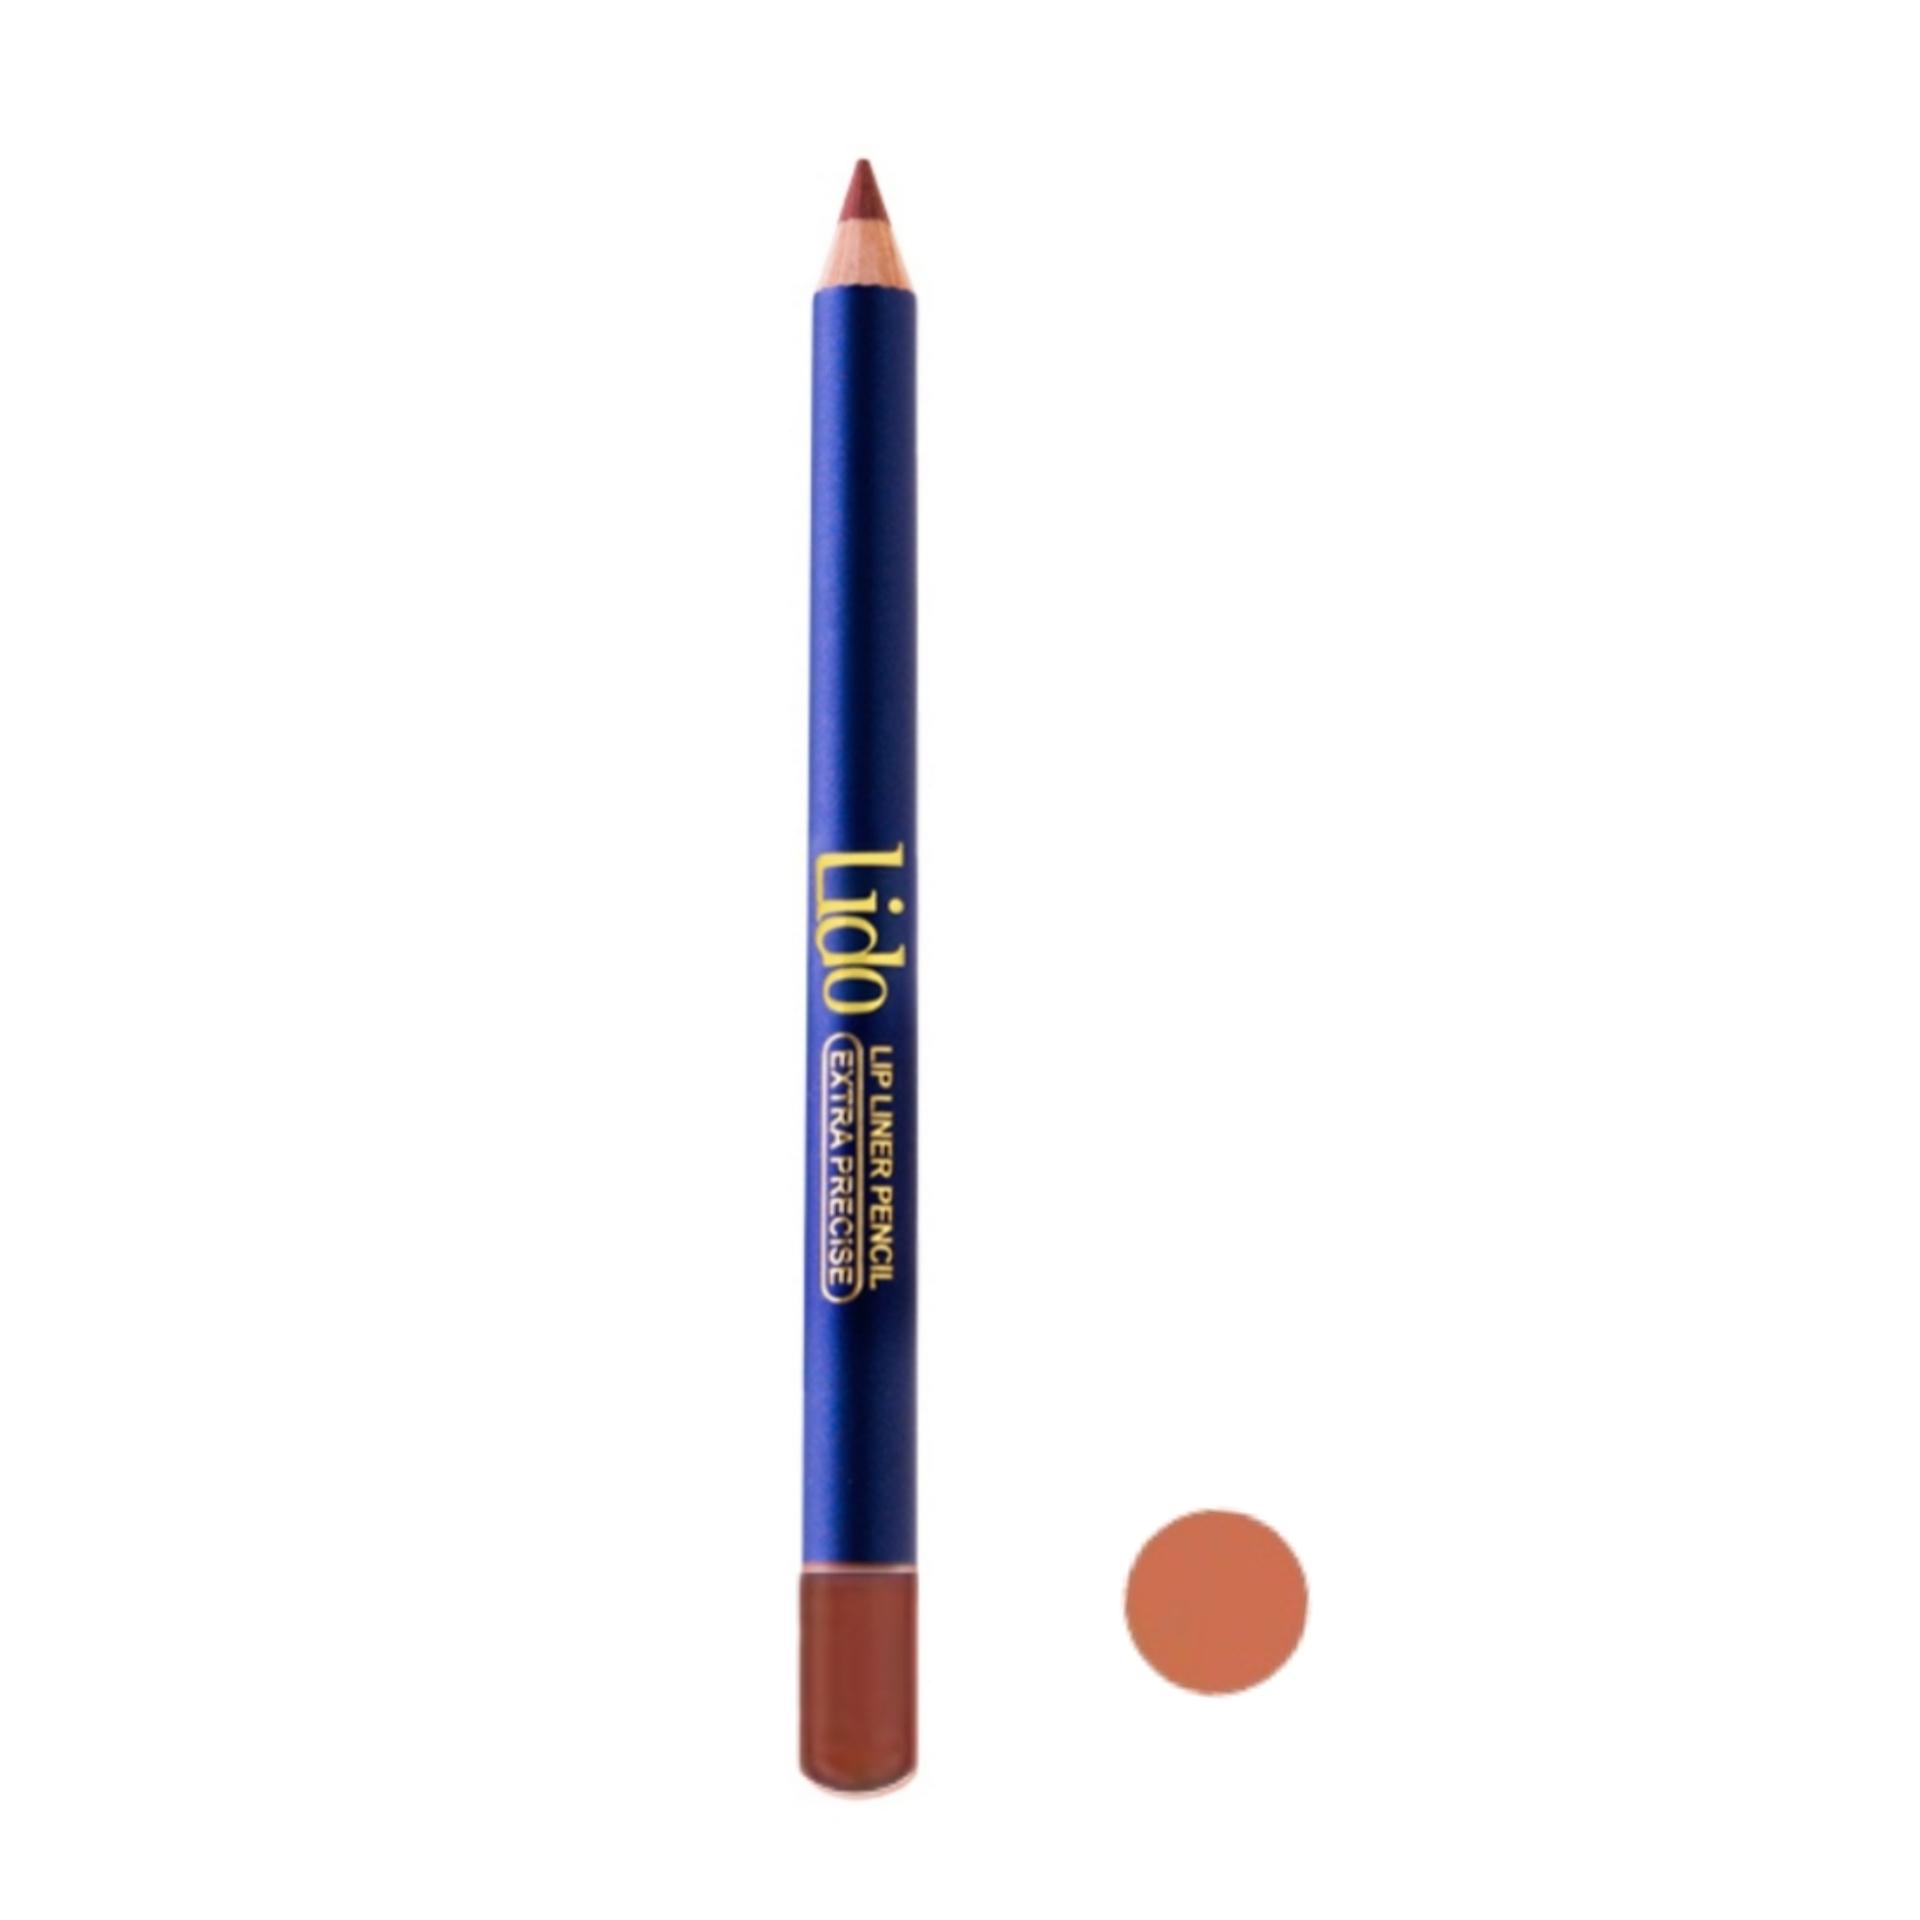 مداد لب  لیدو مدل Extra precise شماره 513